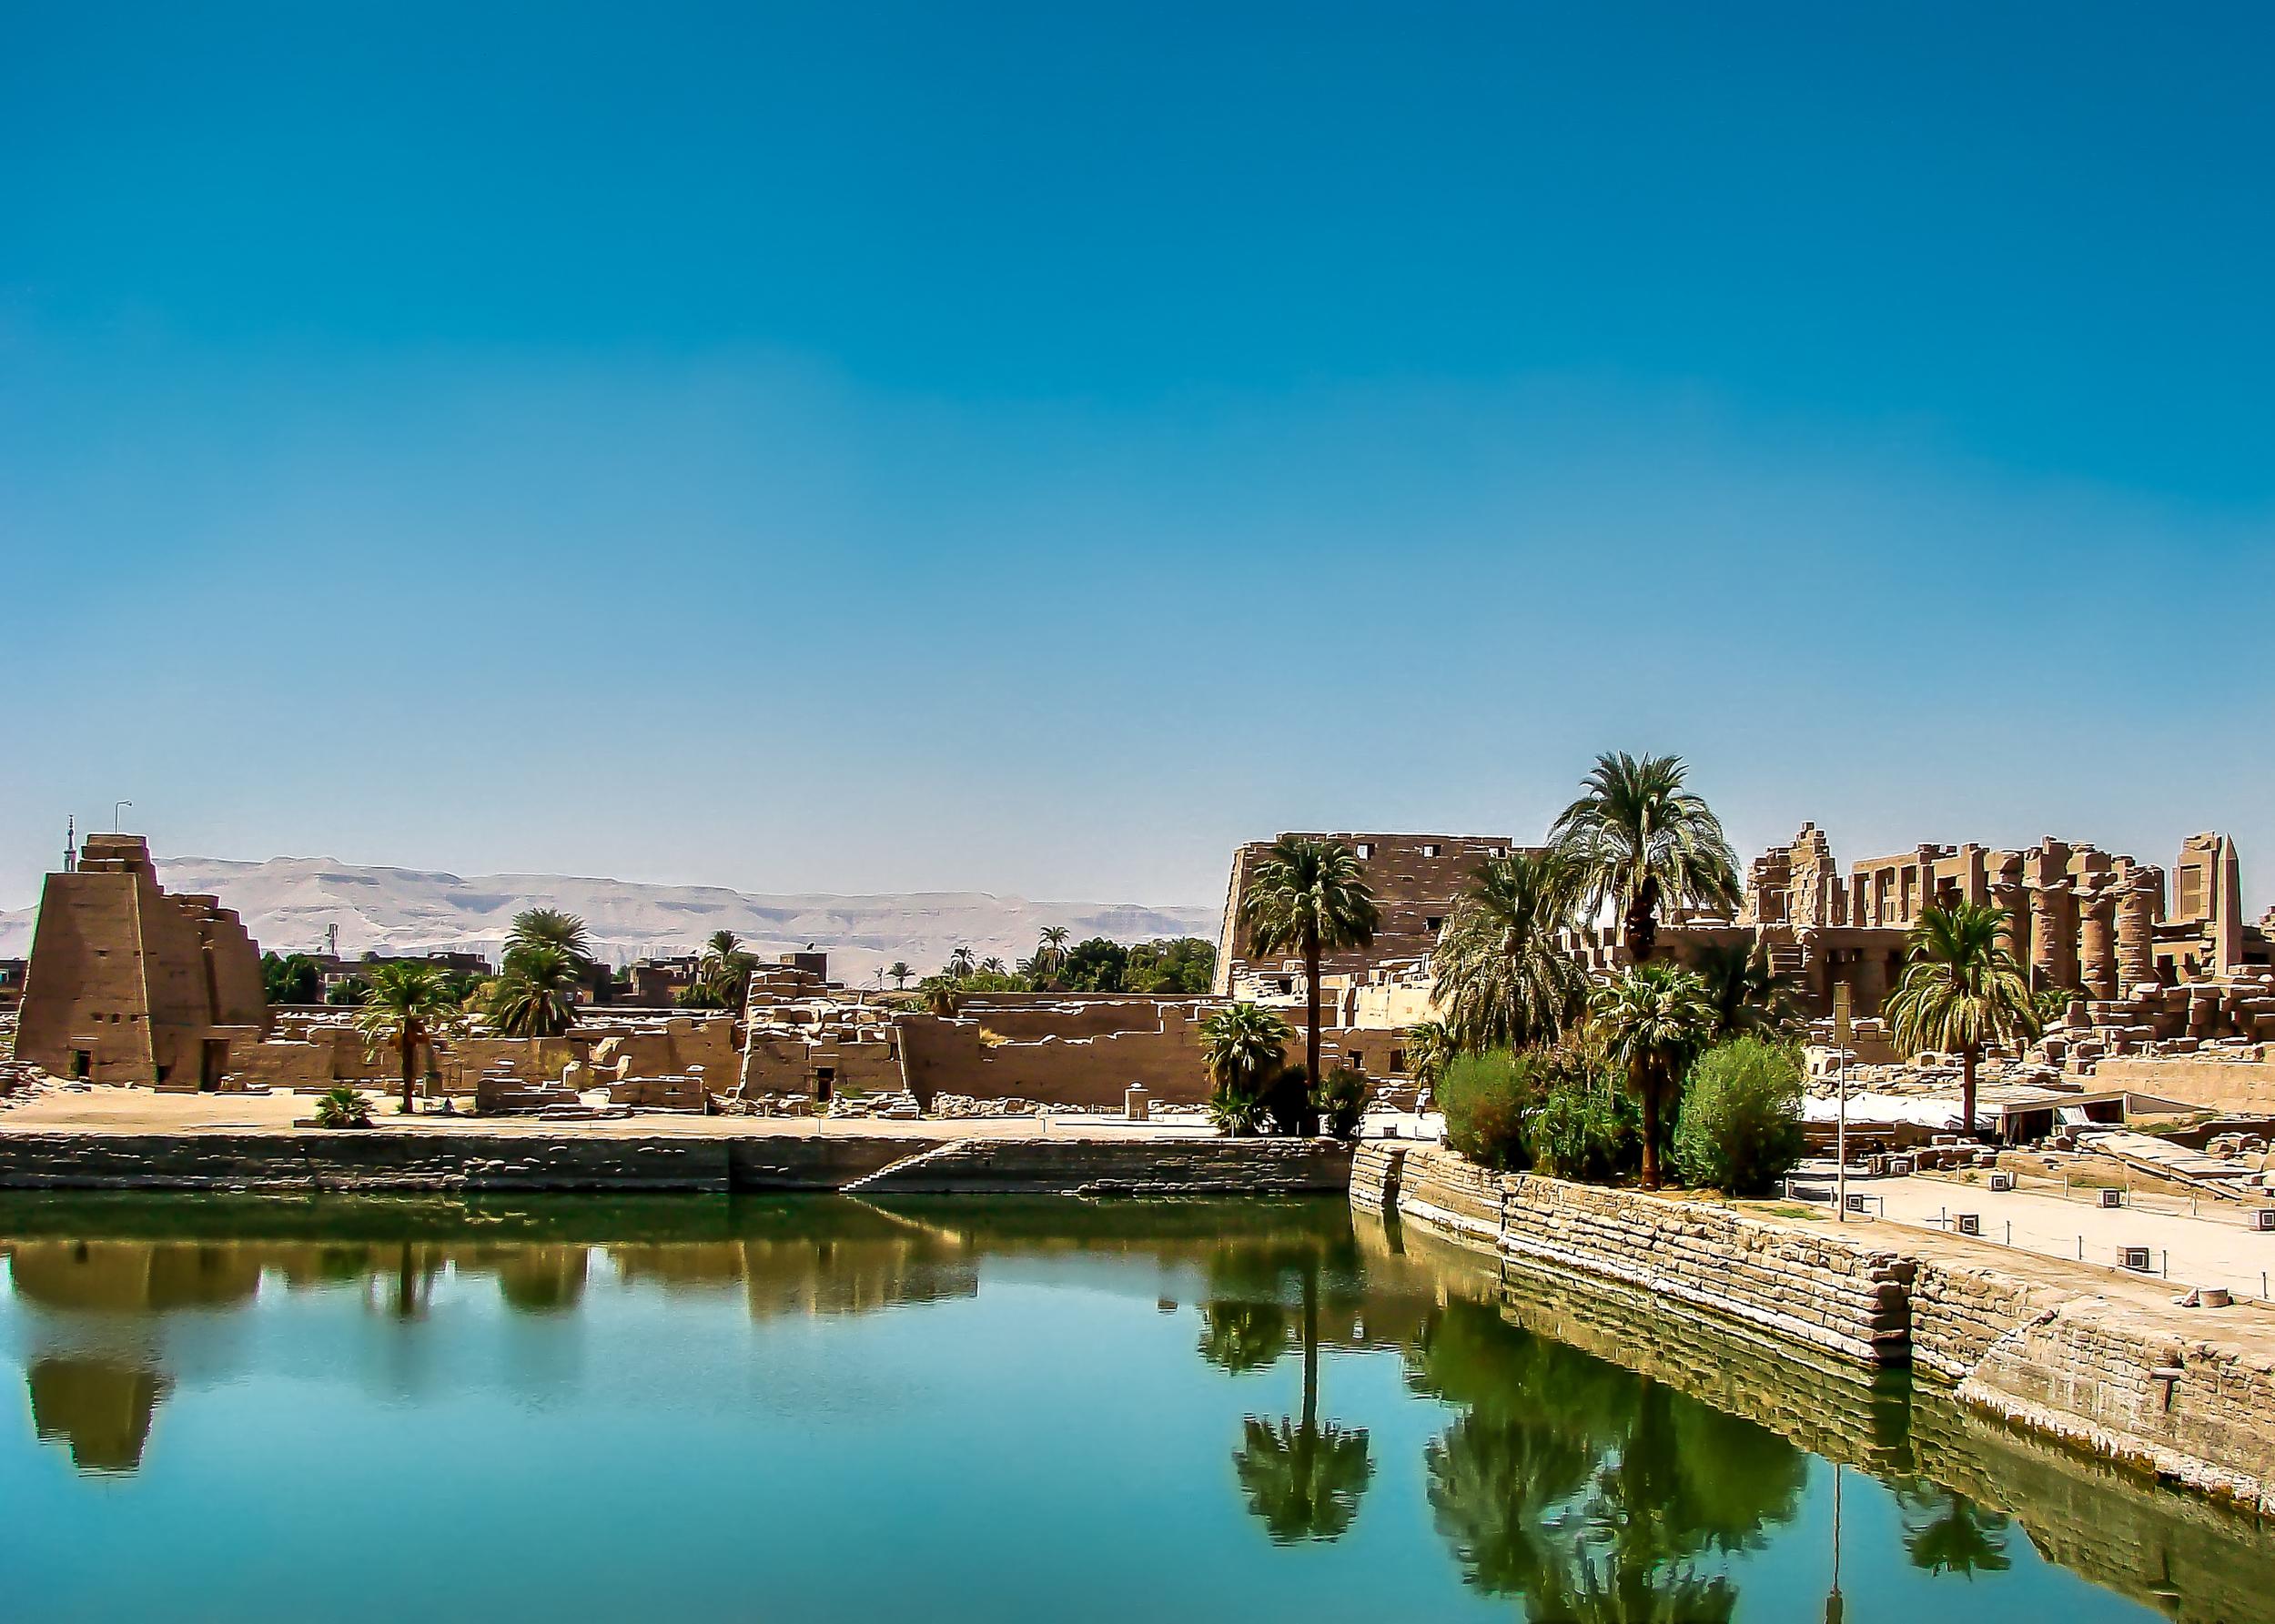 Karnak - Luxor, Egypt